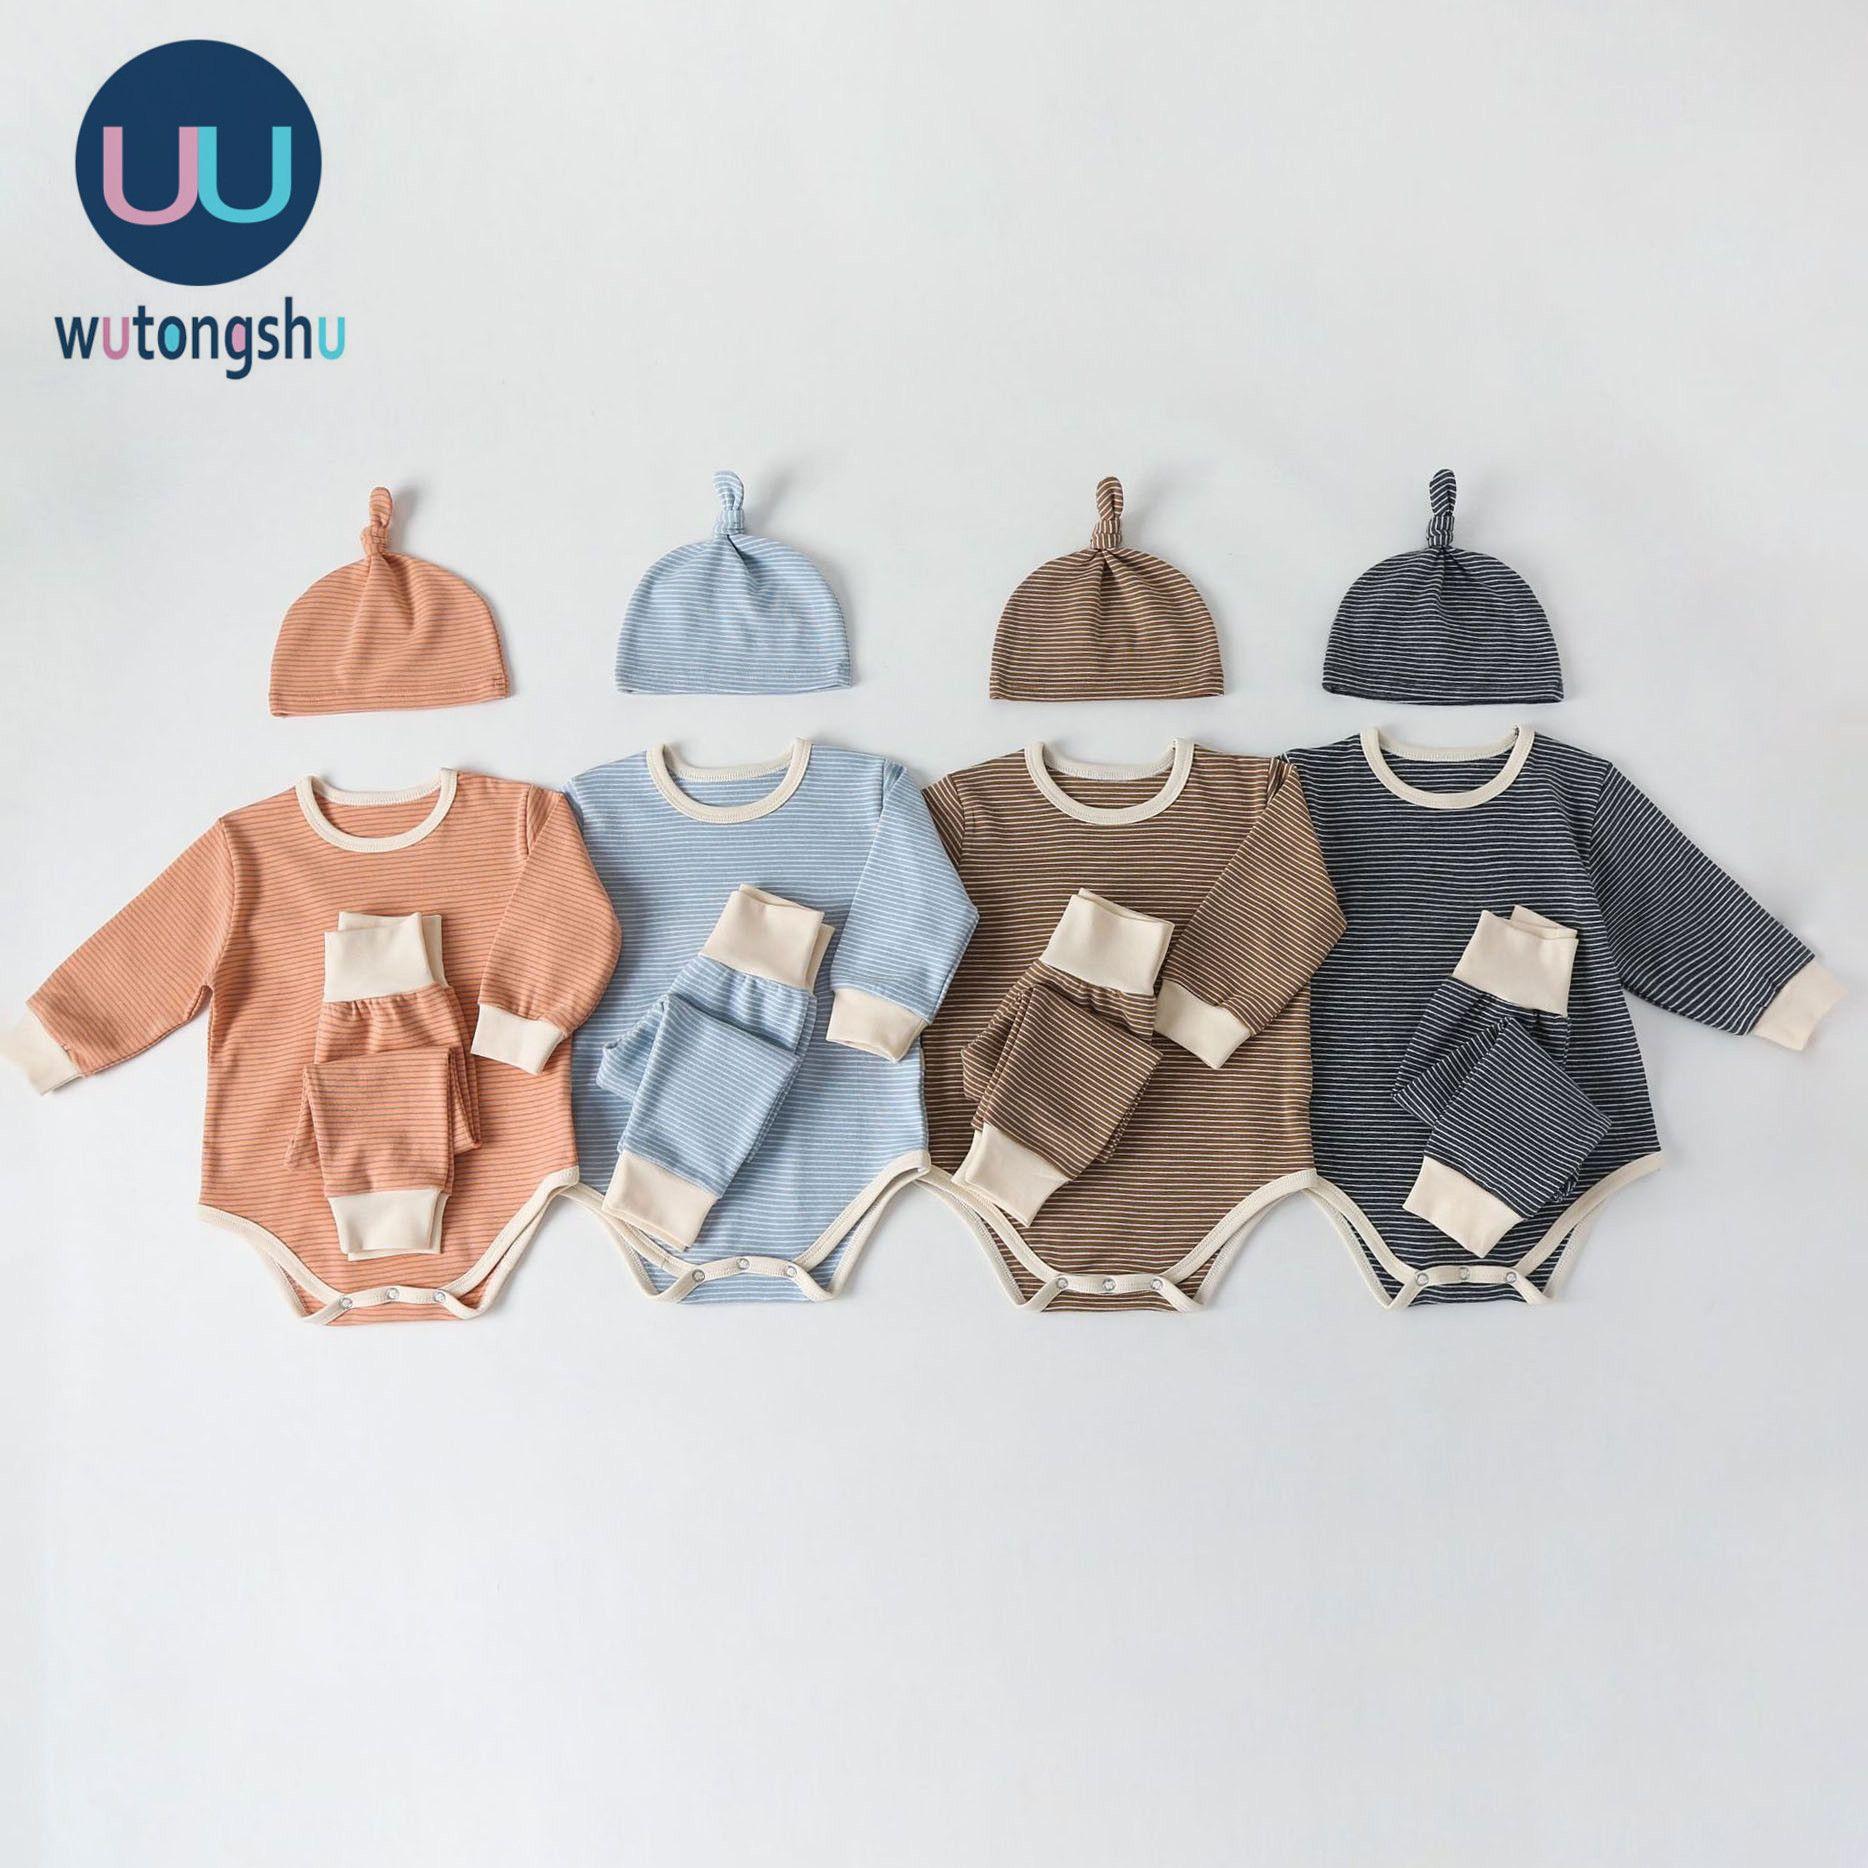 Säuglingskleidung für Baby Mädchen Kleidung Set Neue Herbst Winter Neugeborenen Baby Kleidung Strampler + Hosen + Hut Outfits Baby Kostüm 201026